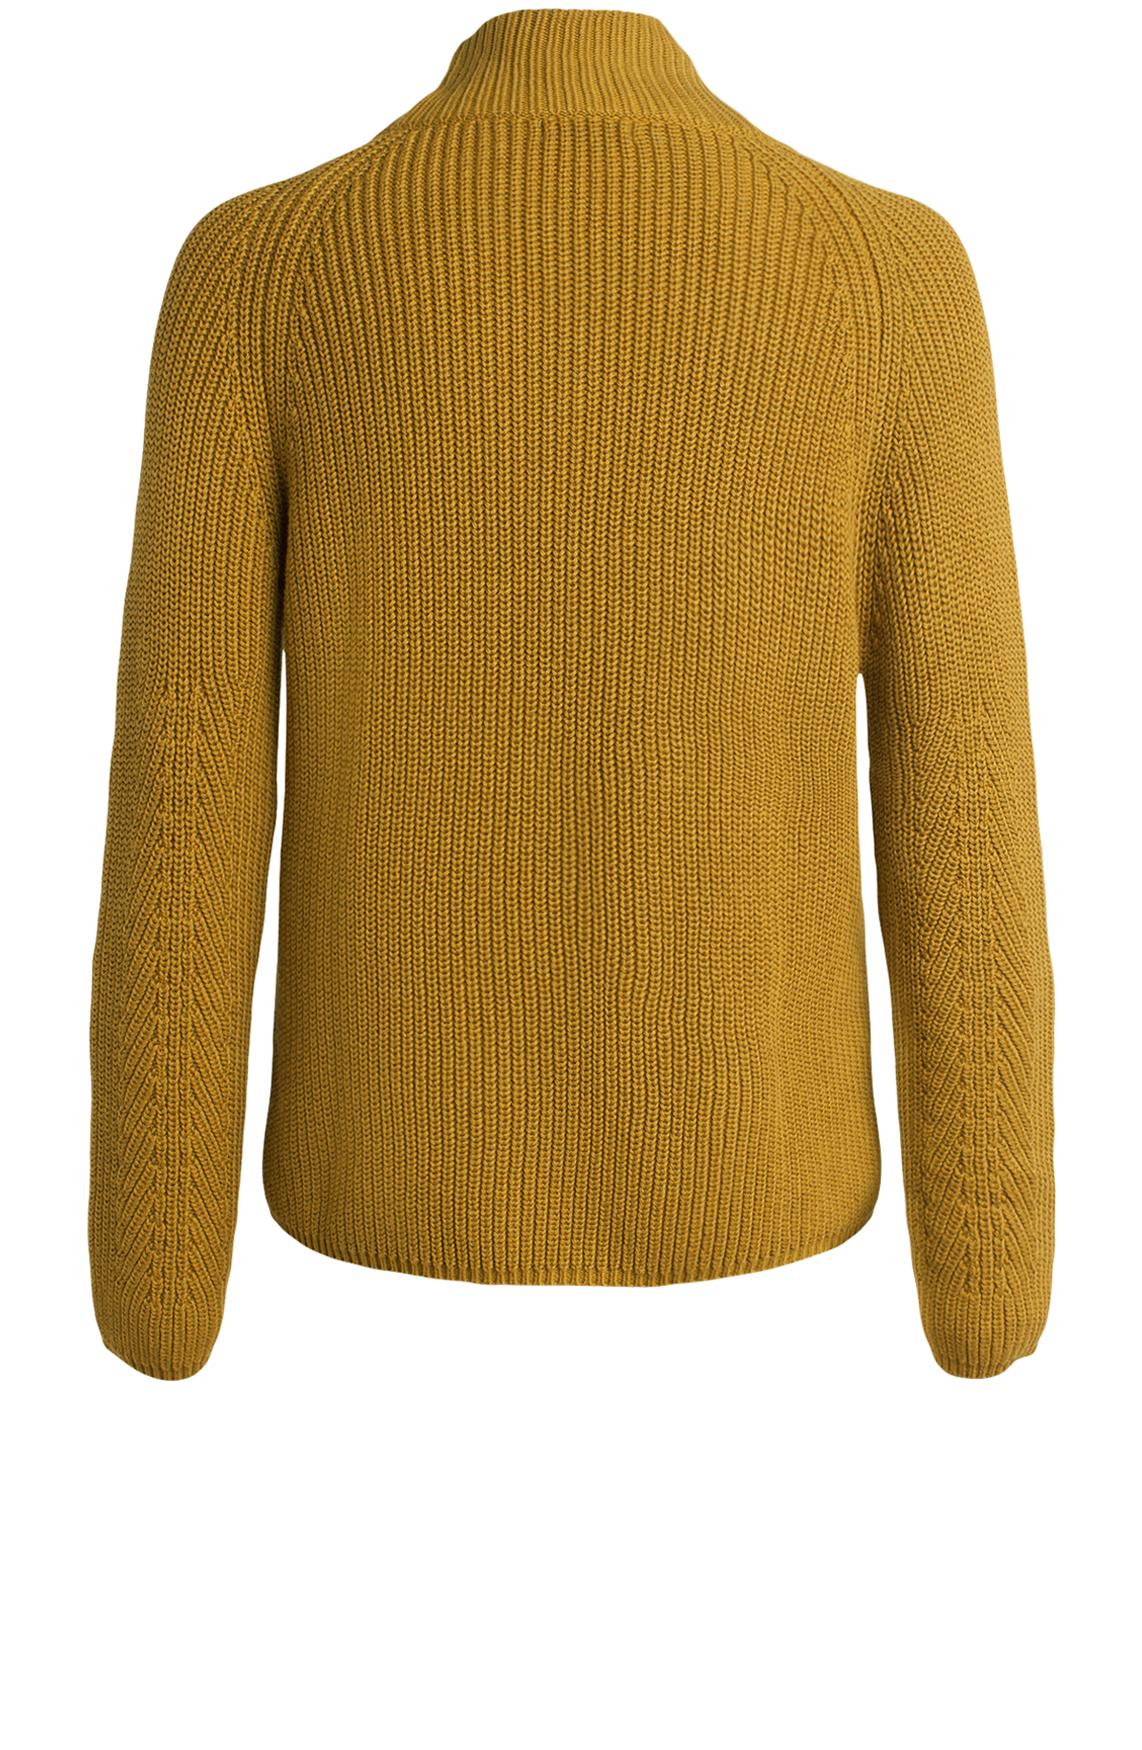 Anna Dames Gebreide pullover met colkraag geel